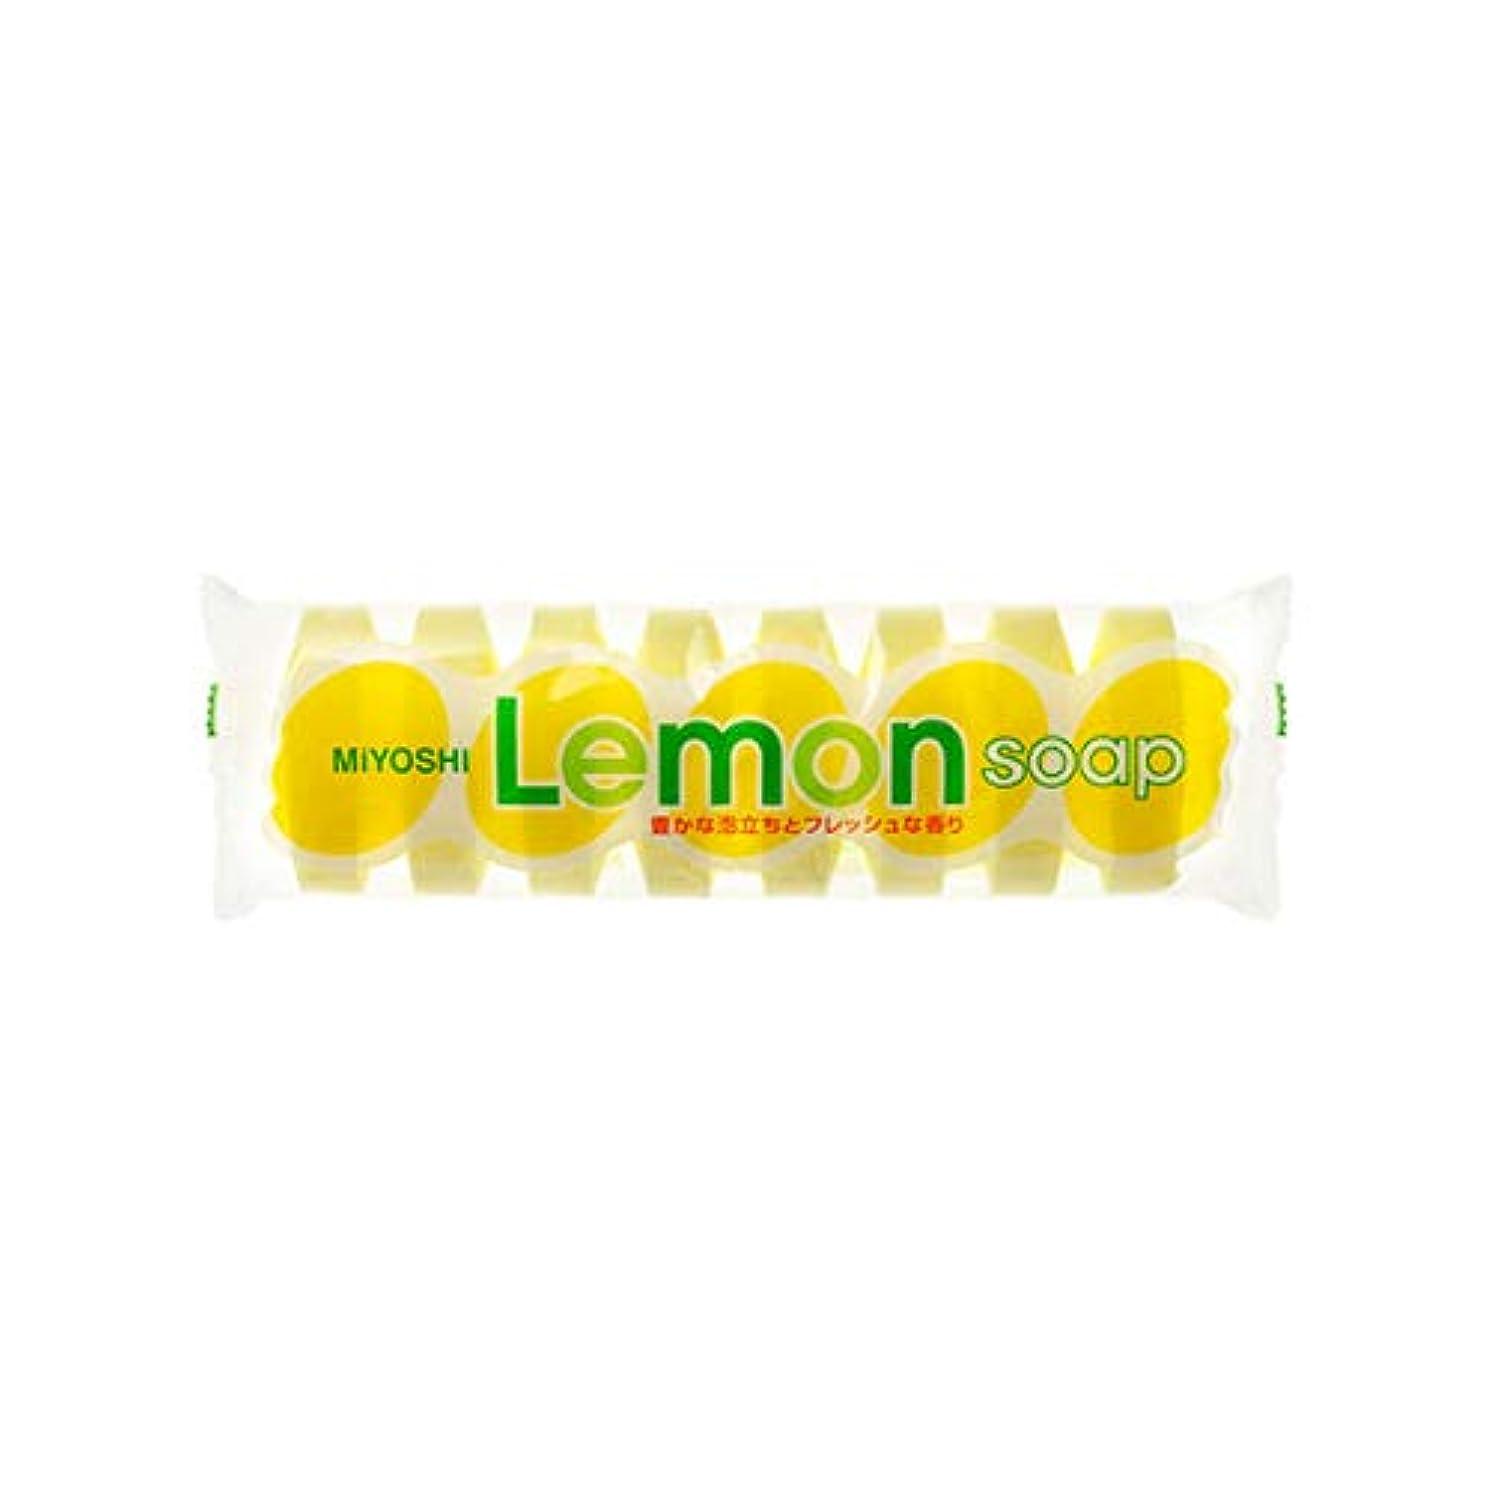 コンピューターゲームをプレイする排出ピーク手洗い用石鹸 ミヨシ レモンソープ 8個入りX30パック ミヨシ石鹸